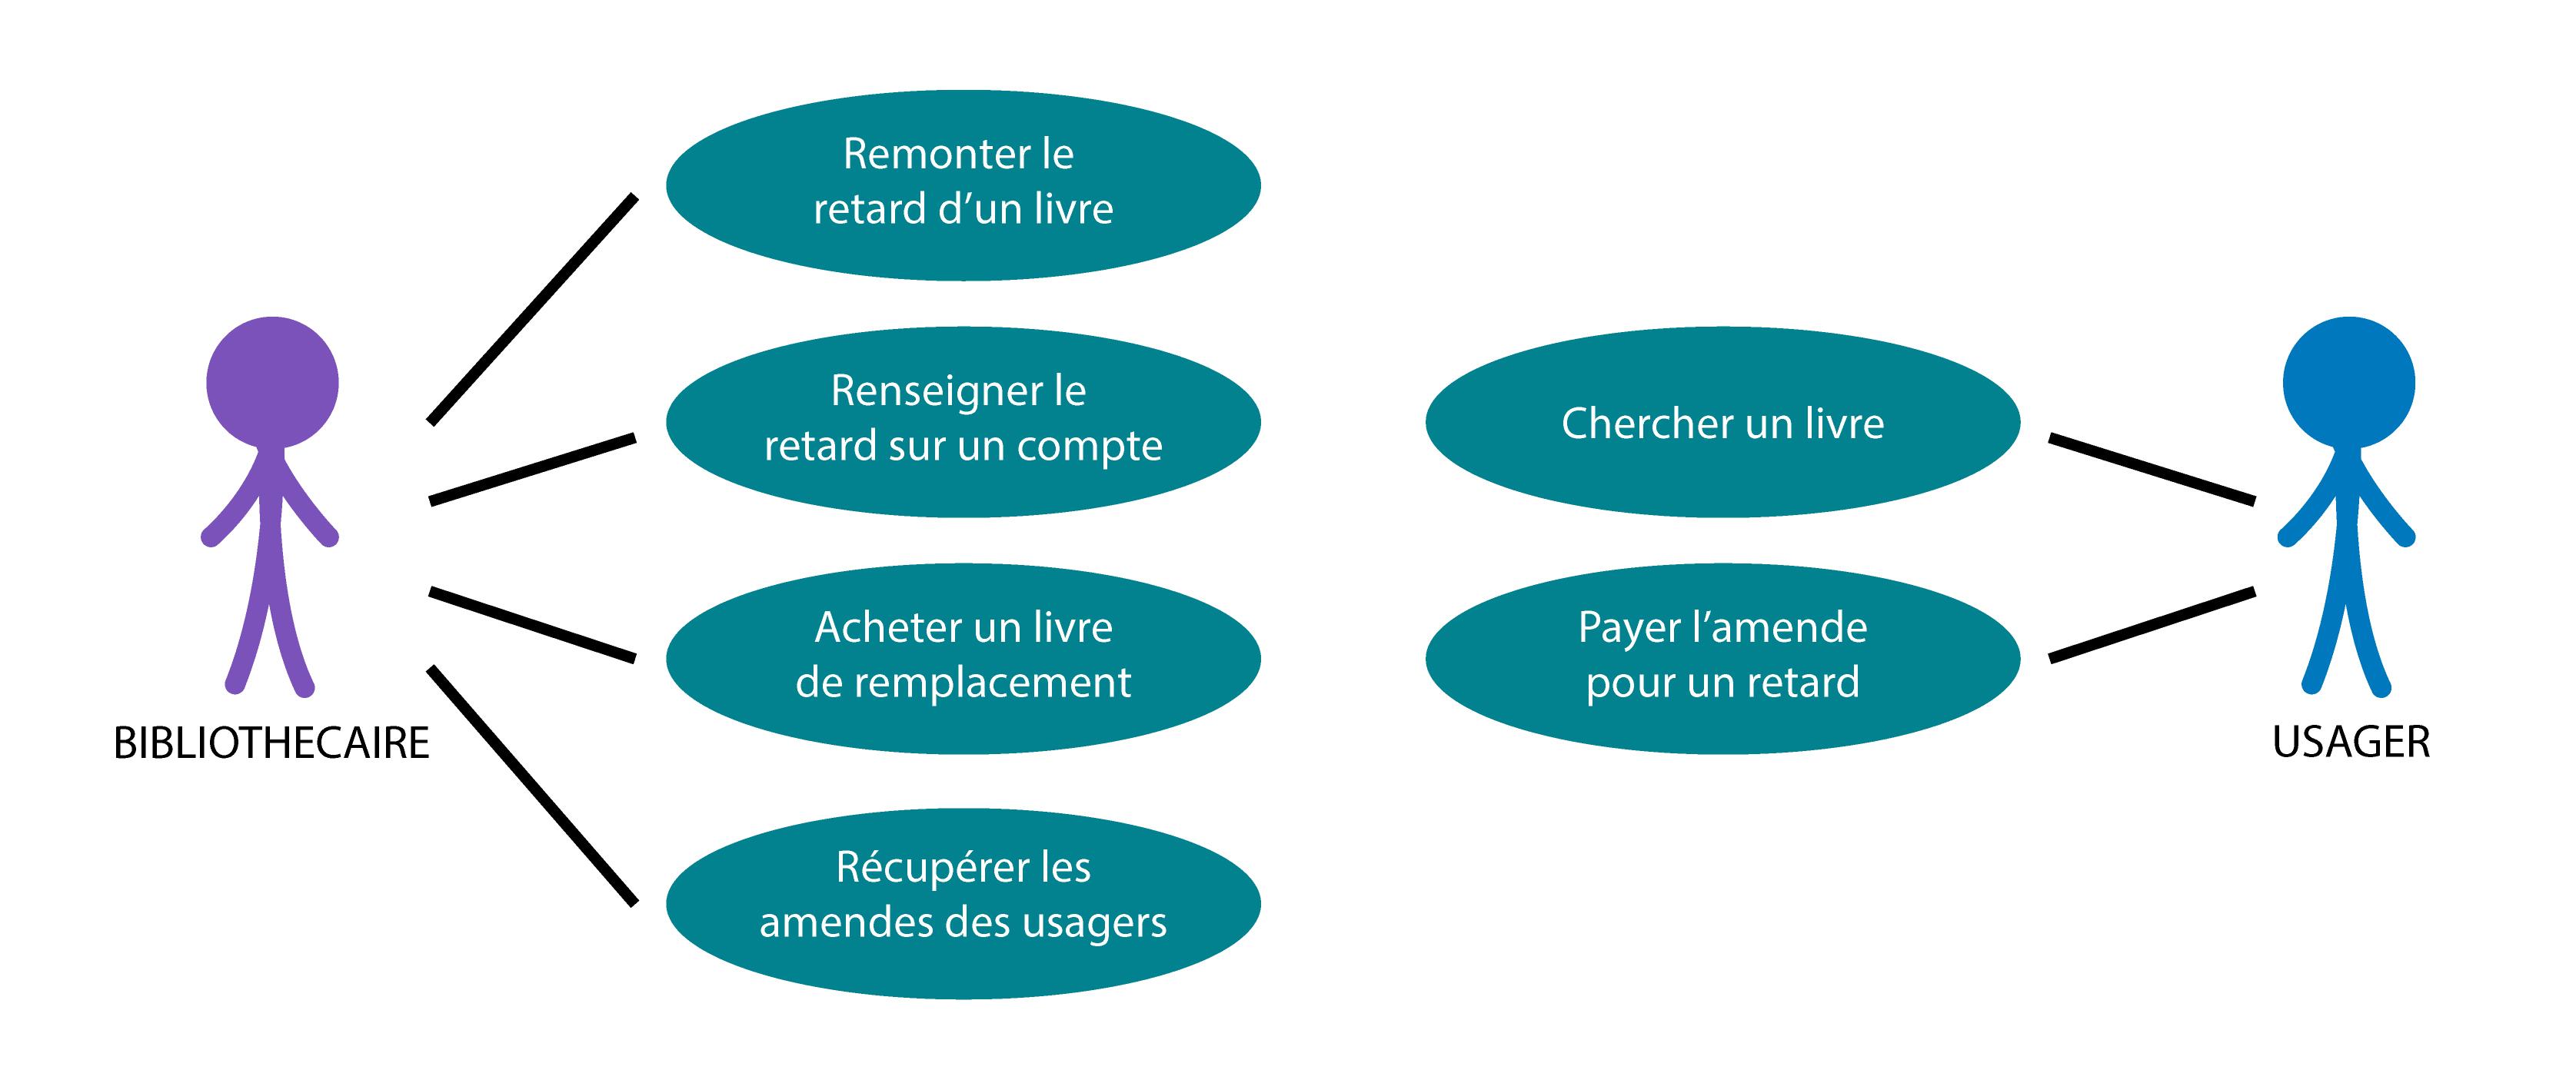 Image représentant les relations entre des acteurs et des cas d'utilisation